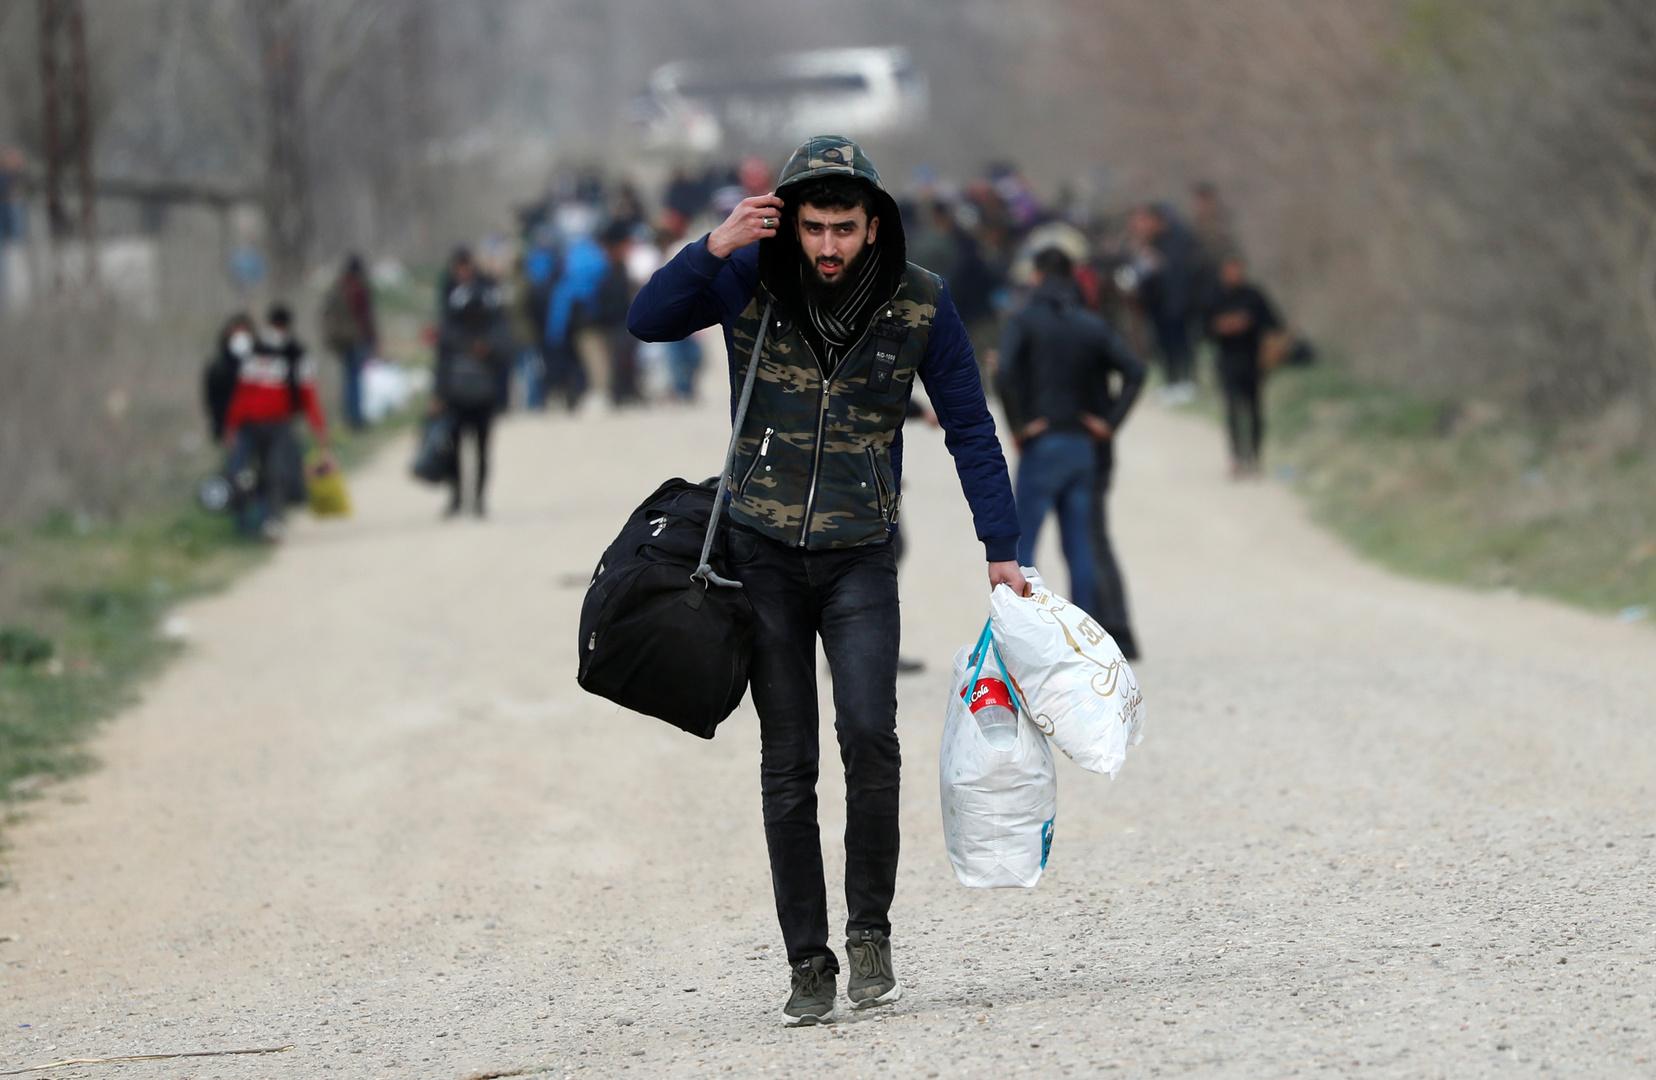 البمهاجرون إلى أوروبا عبير الحدود التركية اليونانية